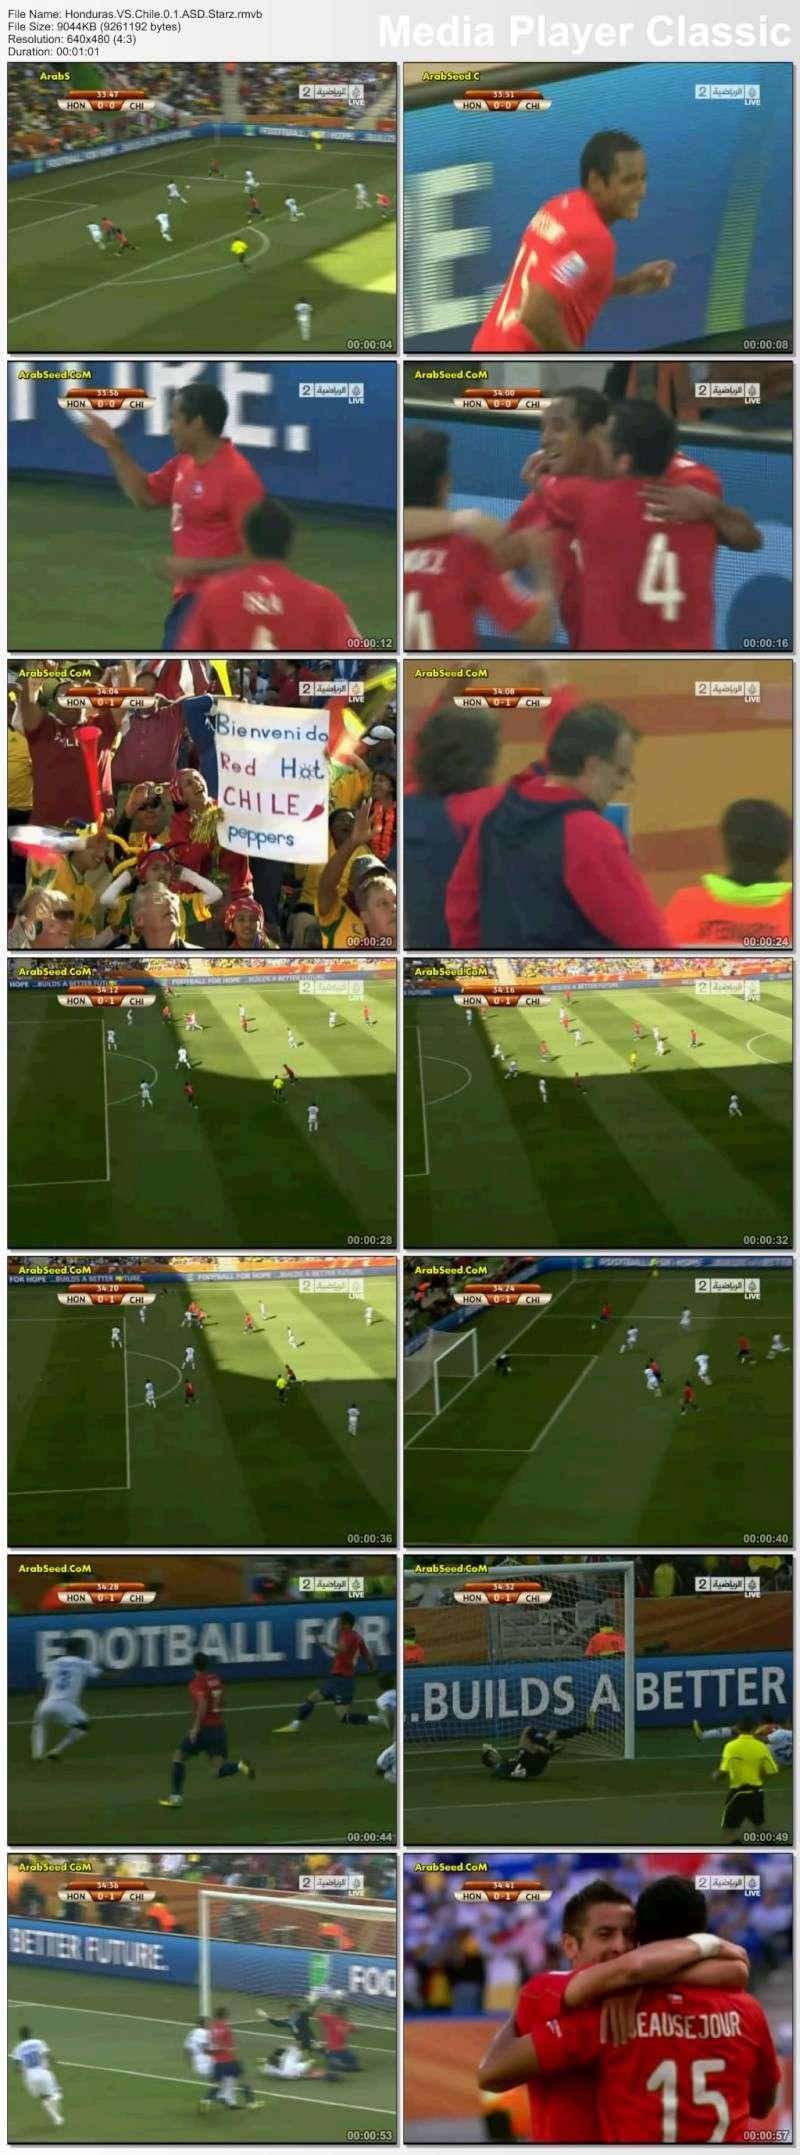 اهداف مباراة هندوراس